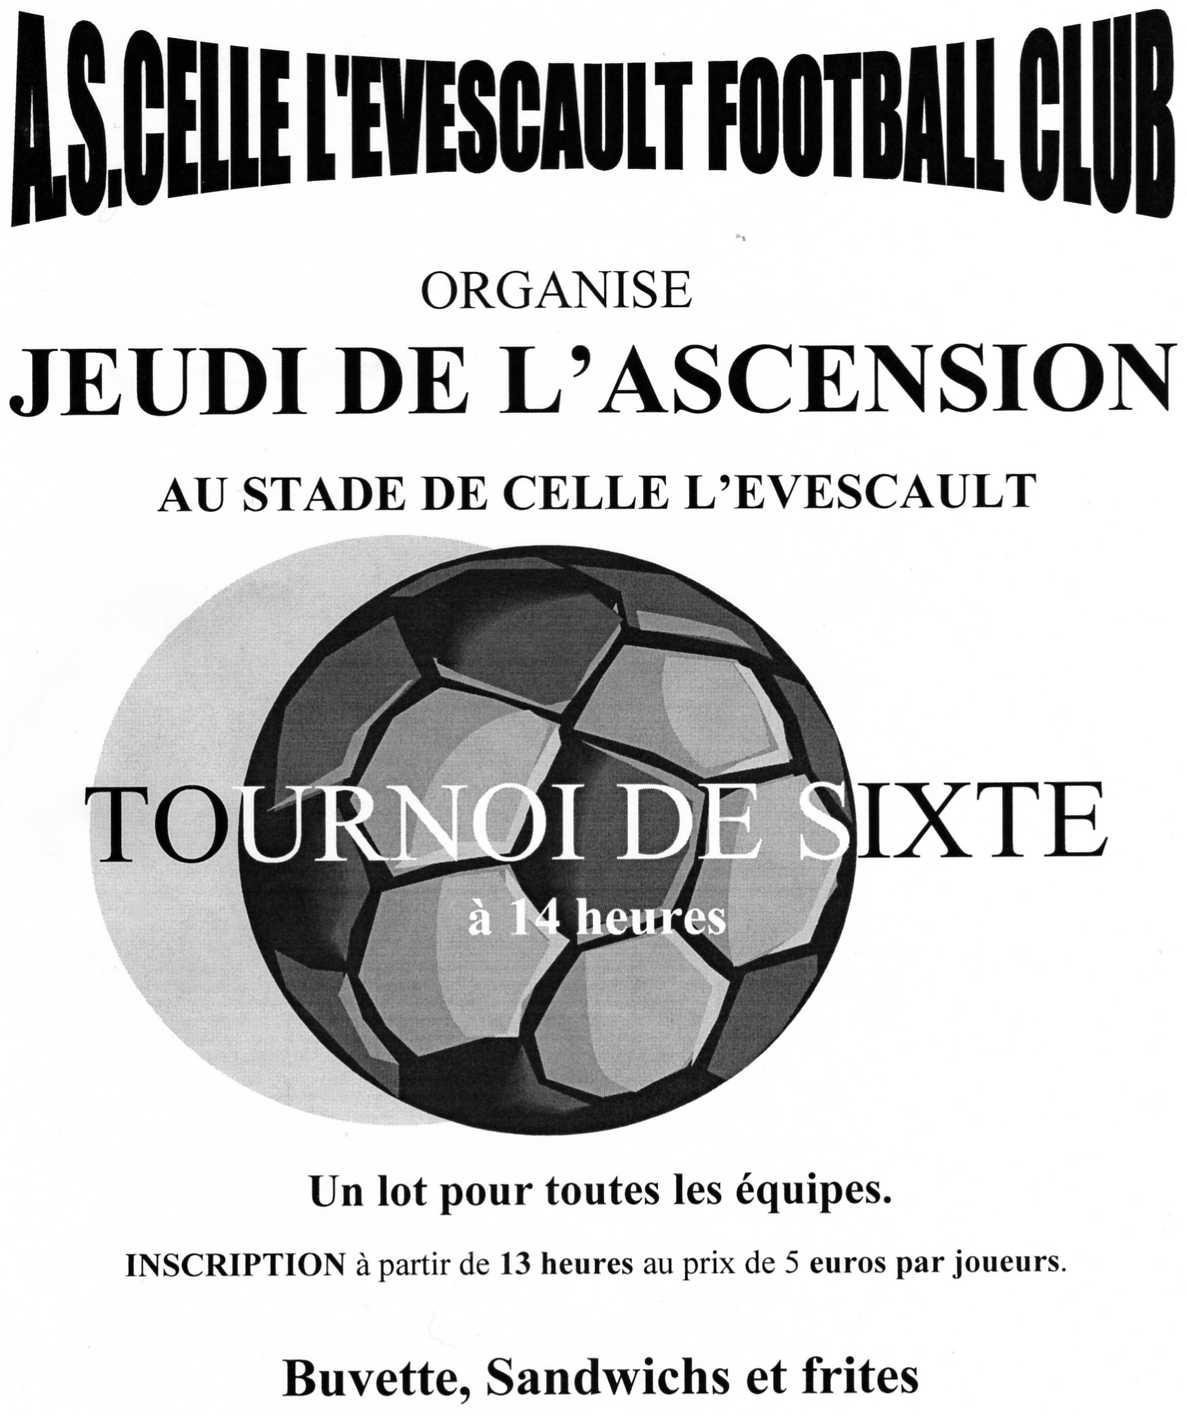 tournoi de sixte 2012